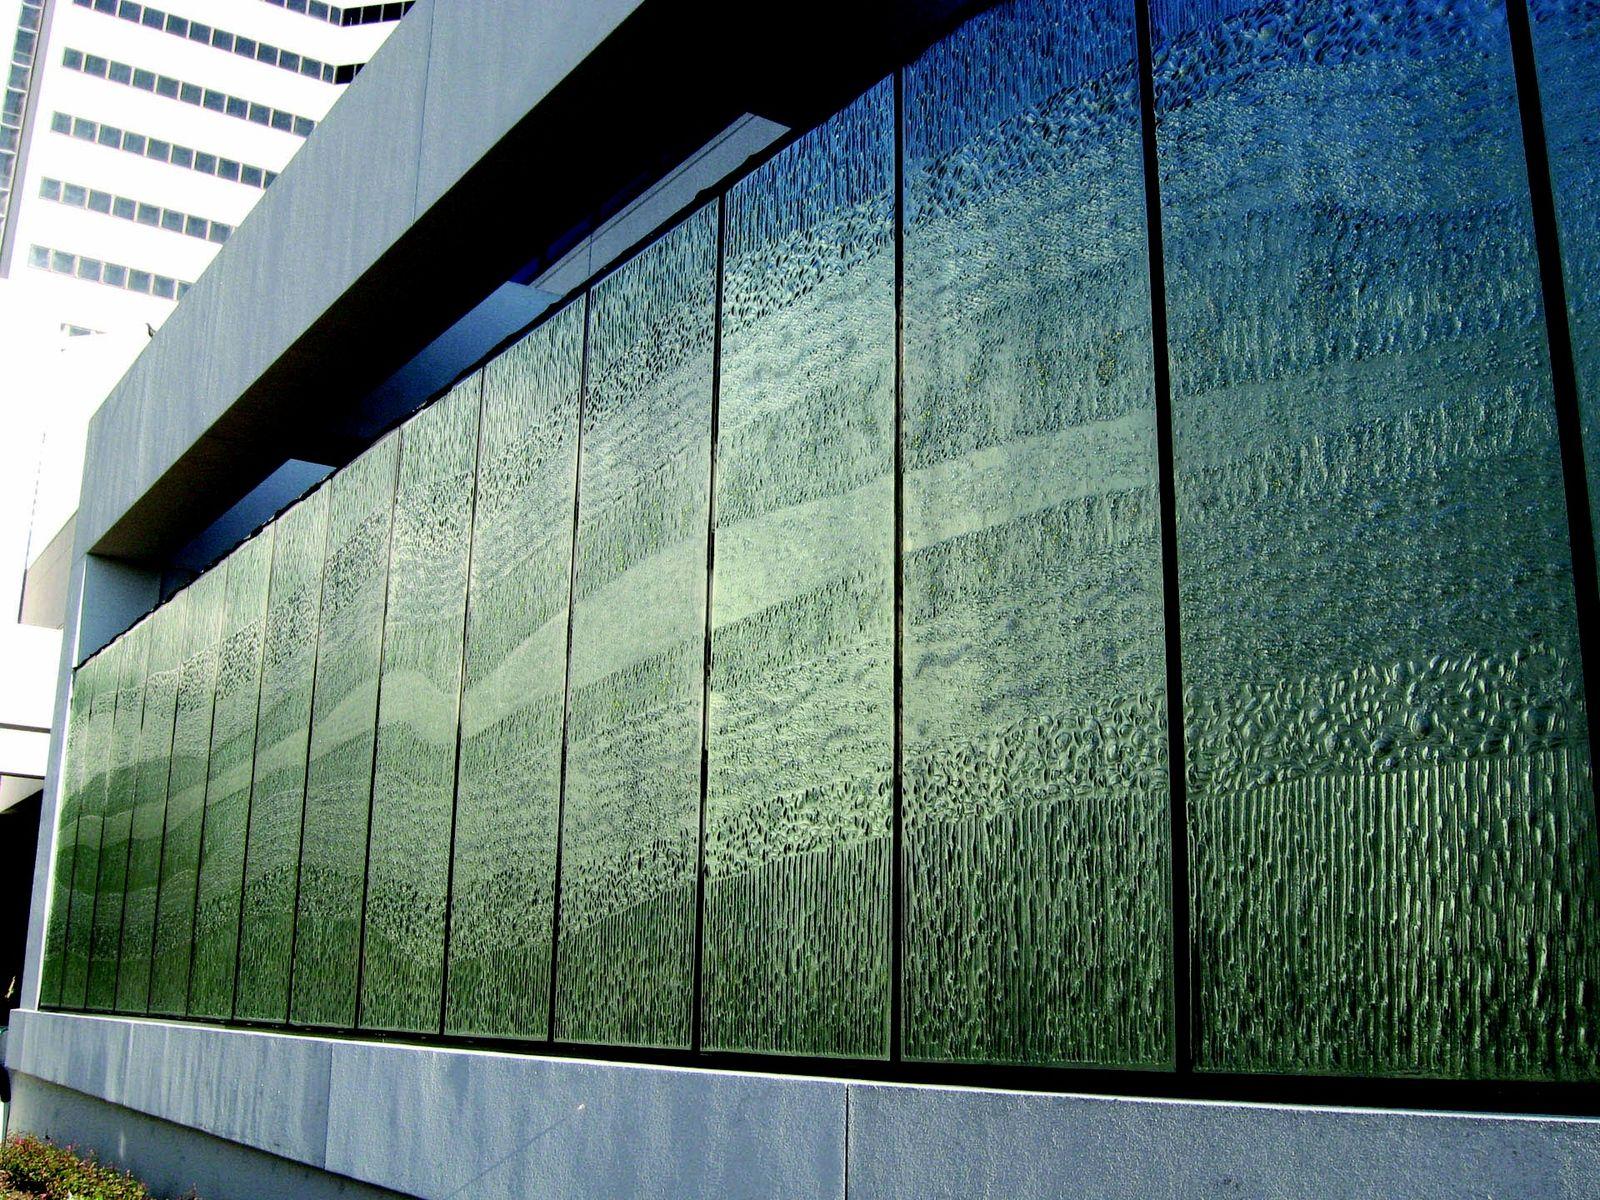 Bj Katz Meltdown Glass Art & Design